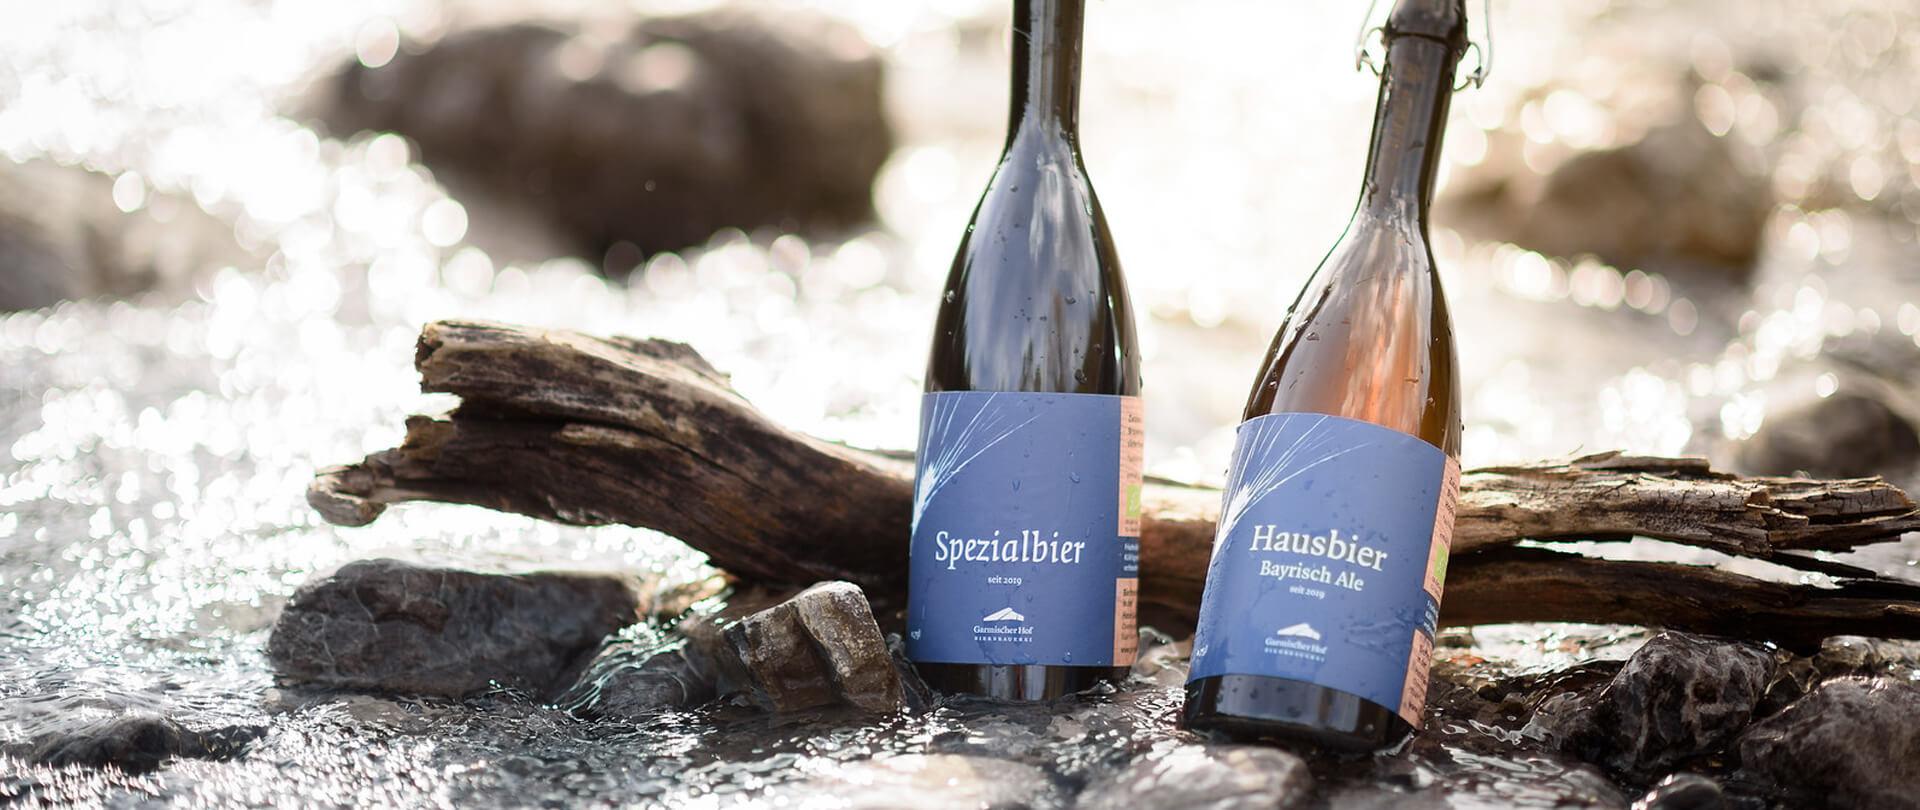 Garmischer Hof Bierbrauerei Biere Flaschen